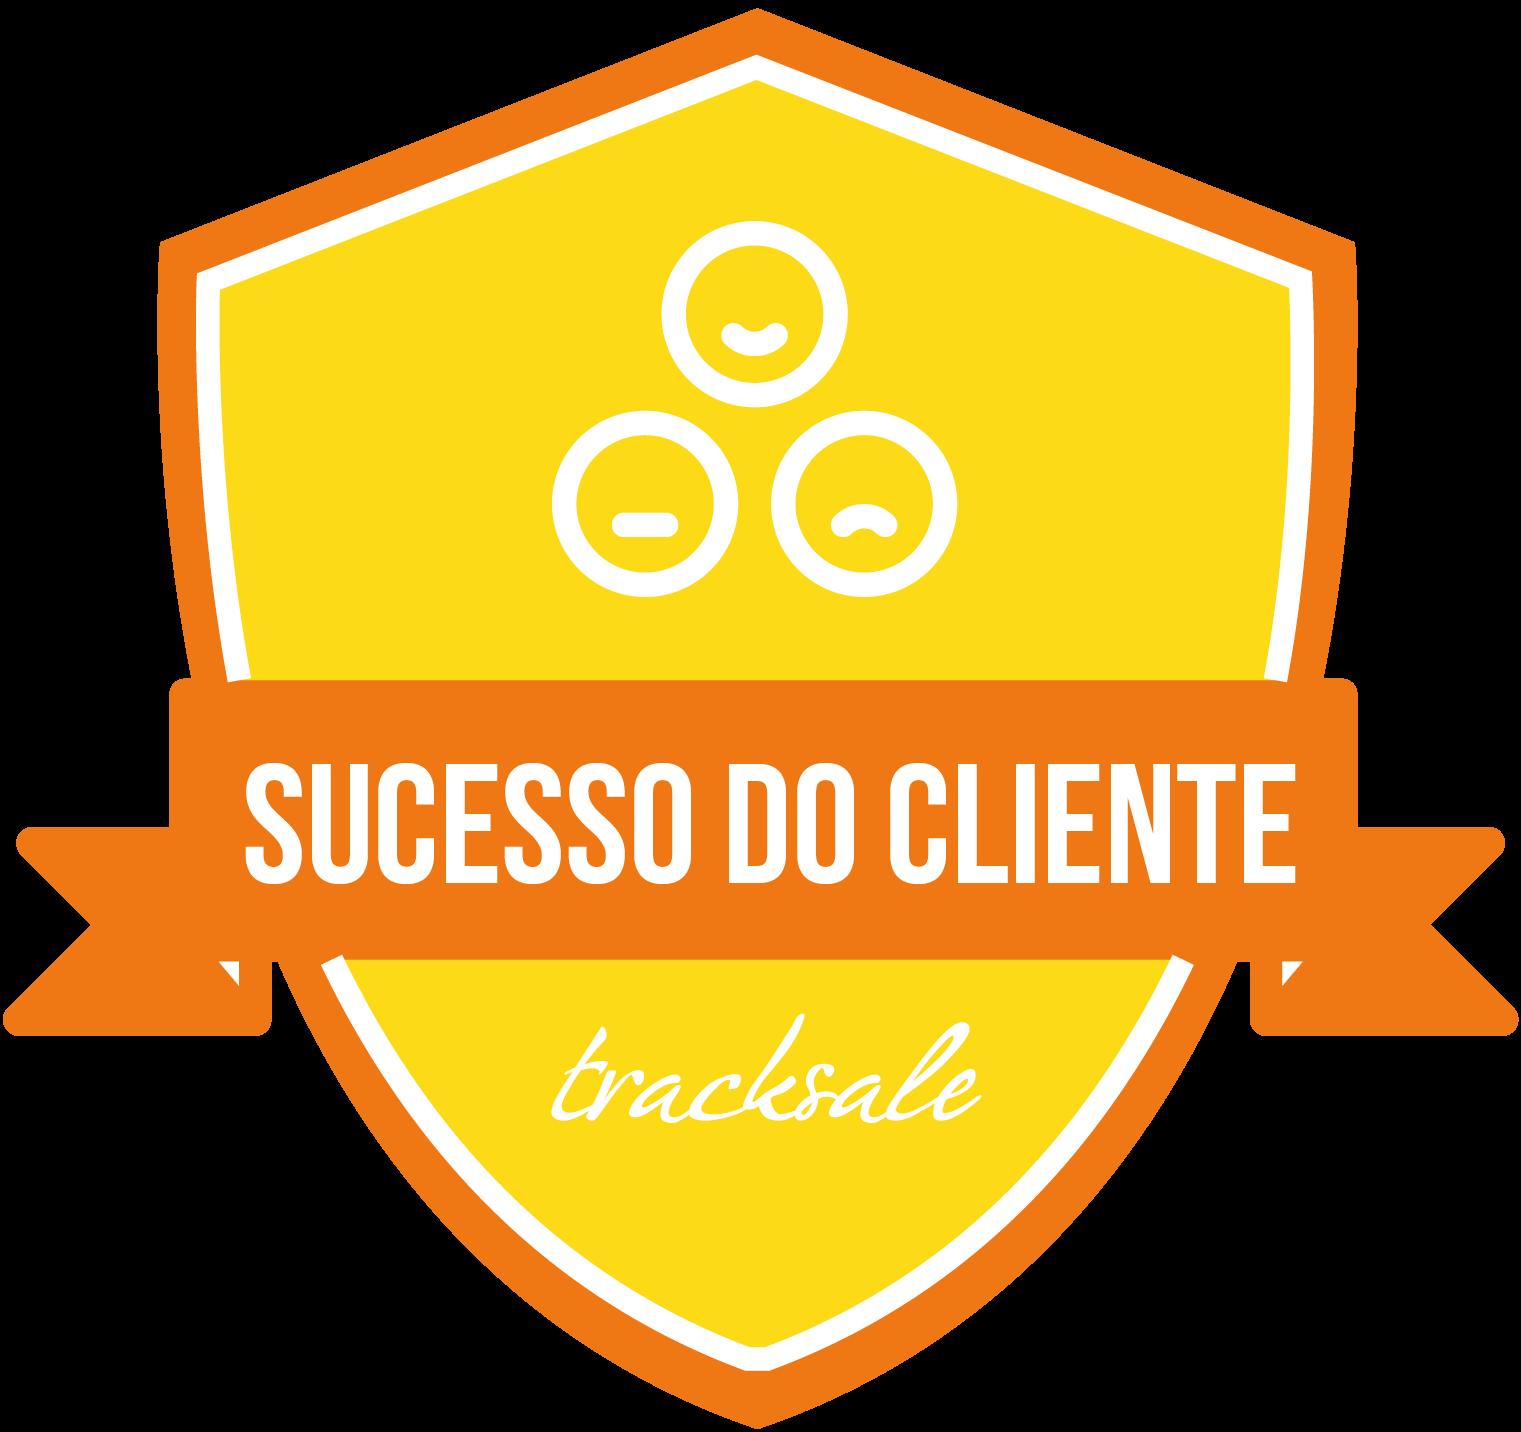 Certificação de Sucesso do Cliente - Track.co